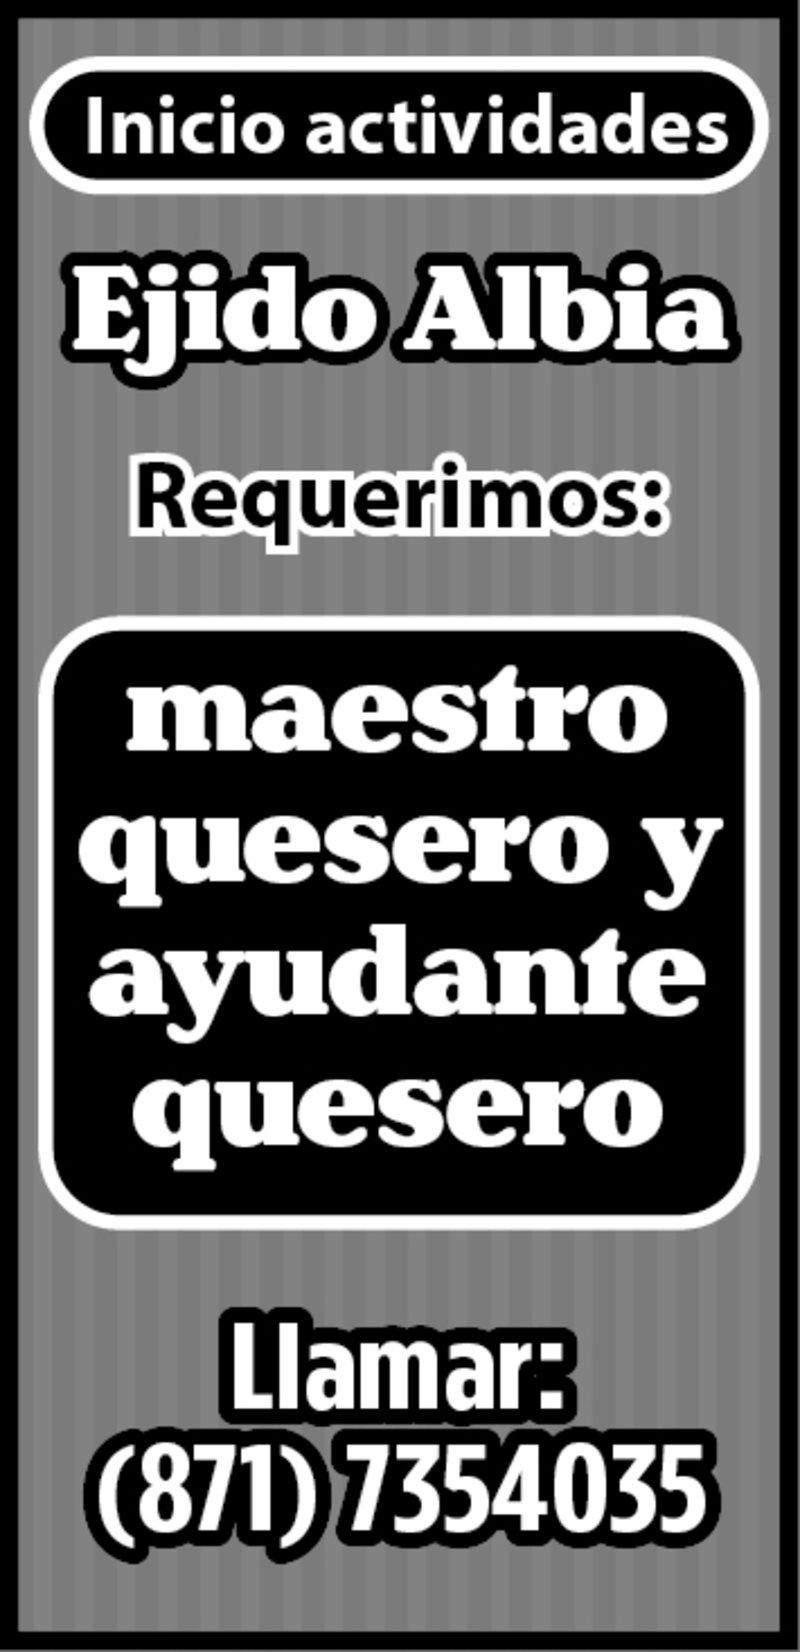 MAESTRO QUESERO